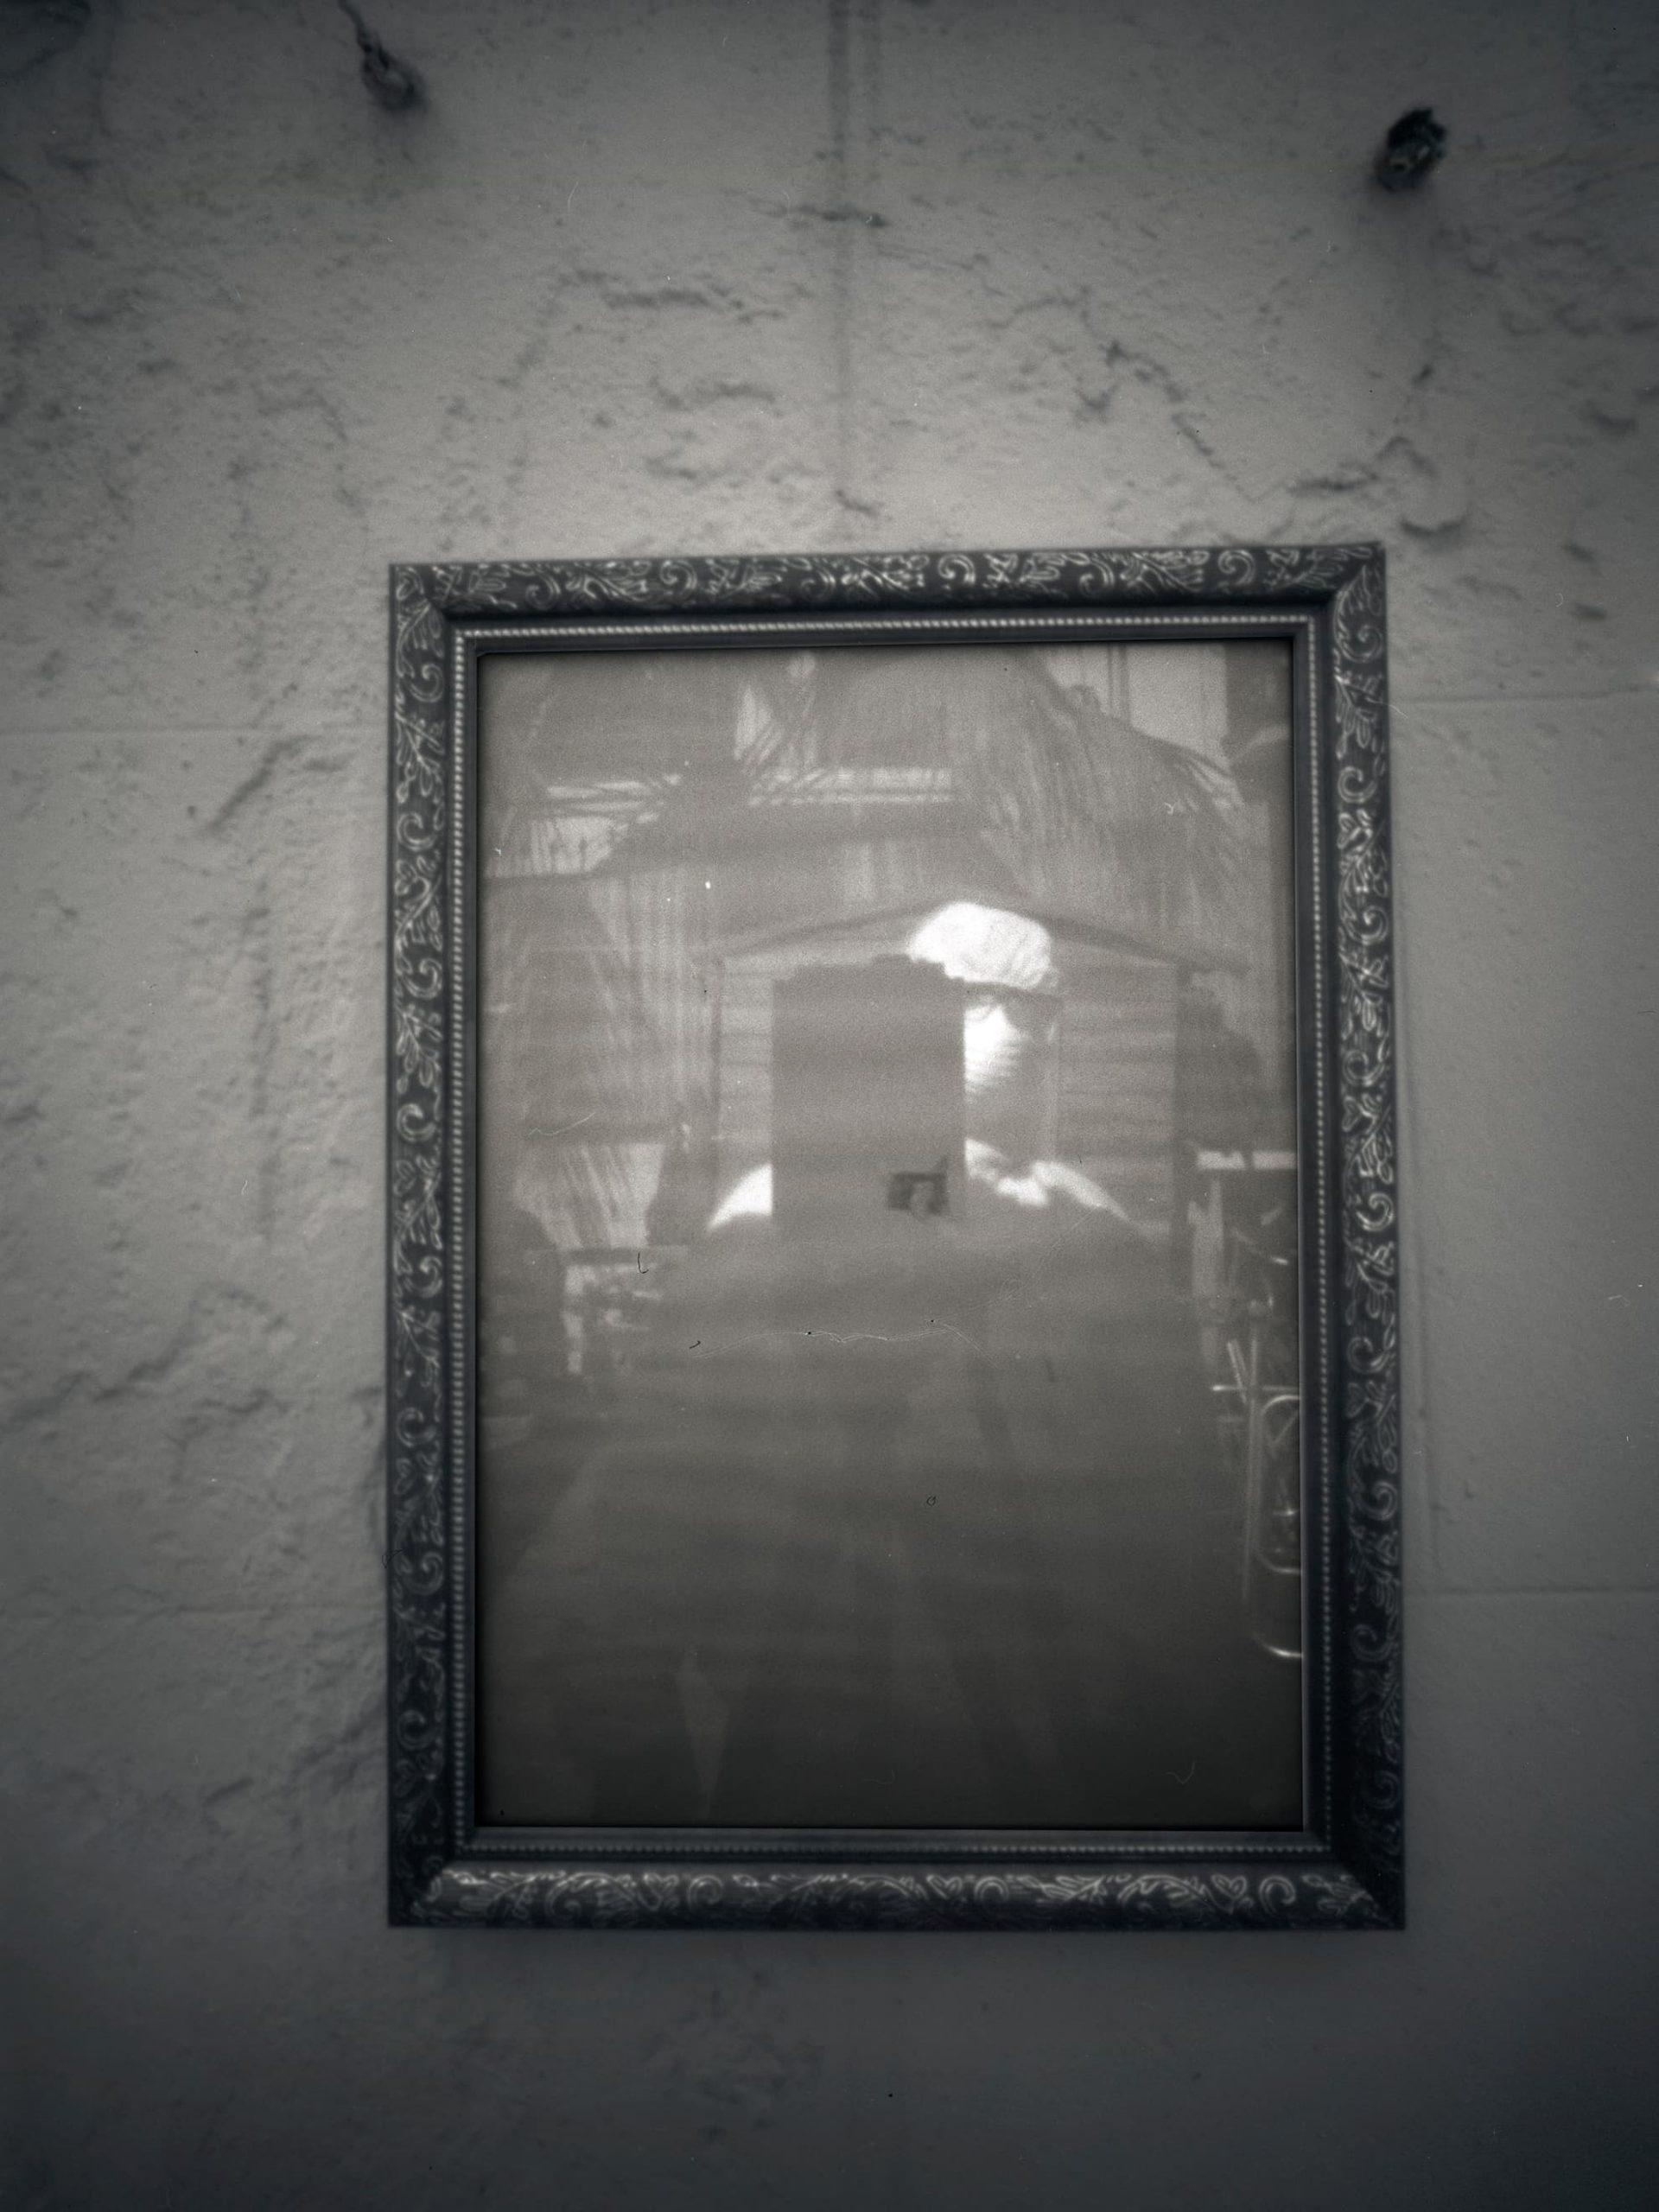 """Trabajo sobre la """"Memoria y el COVID-19"""", realizado con cámara estenopeica de gran formato 9x12 analógico./ Agradecer> De gradecer. Conjug. modelo. 1. tr. Sentir gratitud. 2. tr. Mostrar gratitud o dar gracias. 3. tr. Dicho de una cosa: Corresponder al trabajo empleado en conservarla o mejorarla./ """"El verdadero perdón es cuando puedes decir: 'Gracias por esa experiencia'"""". – Oprah Winfrey –Hay muchas frases de agradecimiento que nos haría entender lo importante que hay en ese sentimiento. A veces, en esta pandemia, la gratitud solo la hemos entendido momentáneamente, sobre todo cuando hemos estado en situaciones complicadas, que lo hemos estado. Pero ahora parece, que está todo superado, y no recordamos lo que hemos, y les ha ocurrido a otros. Es un sentimiento de ceguera el que nos impide ver la realidad de las cosas. Es de gran valor apreciar muchas cosas a las que solo les damos importancia cuando carecemos de ellas, ahora un poco en la distancia analizo, y me doy cuenta de haber visto pequeñas acciones que resultan definitivas para que cambien las cosas. Muchas personas y colectivos marcan la diferencia en pequeñas y grandes acciones. ¡Toca agradecer a mis compañeros de casa, por su aguante! ¡A mi compañera Martina, por su comprensión! ¡A los compañeros de trabajo, por haber ayudado a crear un proyecto tan guapo como Covid Photo Diaries, ¡gracias por contar conmigo! Al portero de aquel piso que me dio agua, ¡grande! A ese taxista que me dio conversación cuando estaba el silencio apoderándose de mí. Obviamente a todo mis familiares, por hablar todos los días conmigo, y un largo etc. Todos ellos han hecho mejor este proceso que no olvidaremos, o al menos yo no olvidaré."""